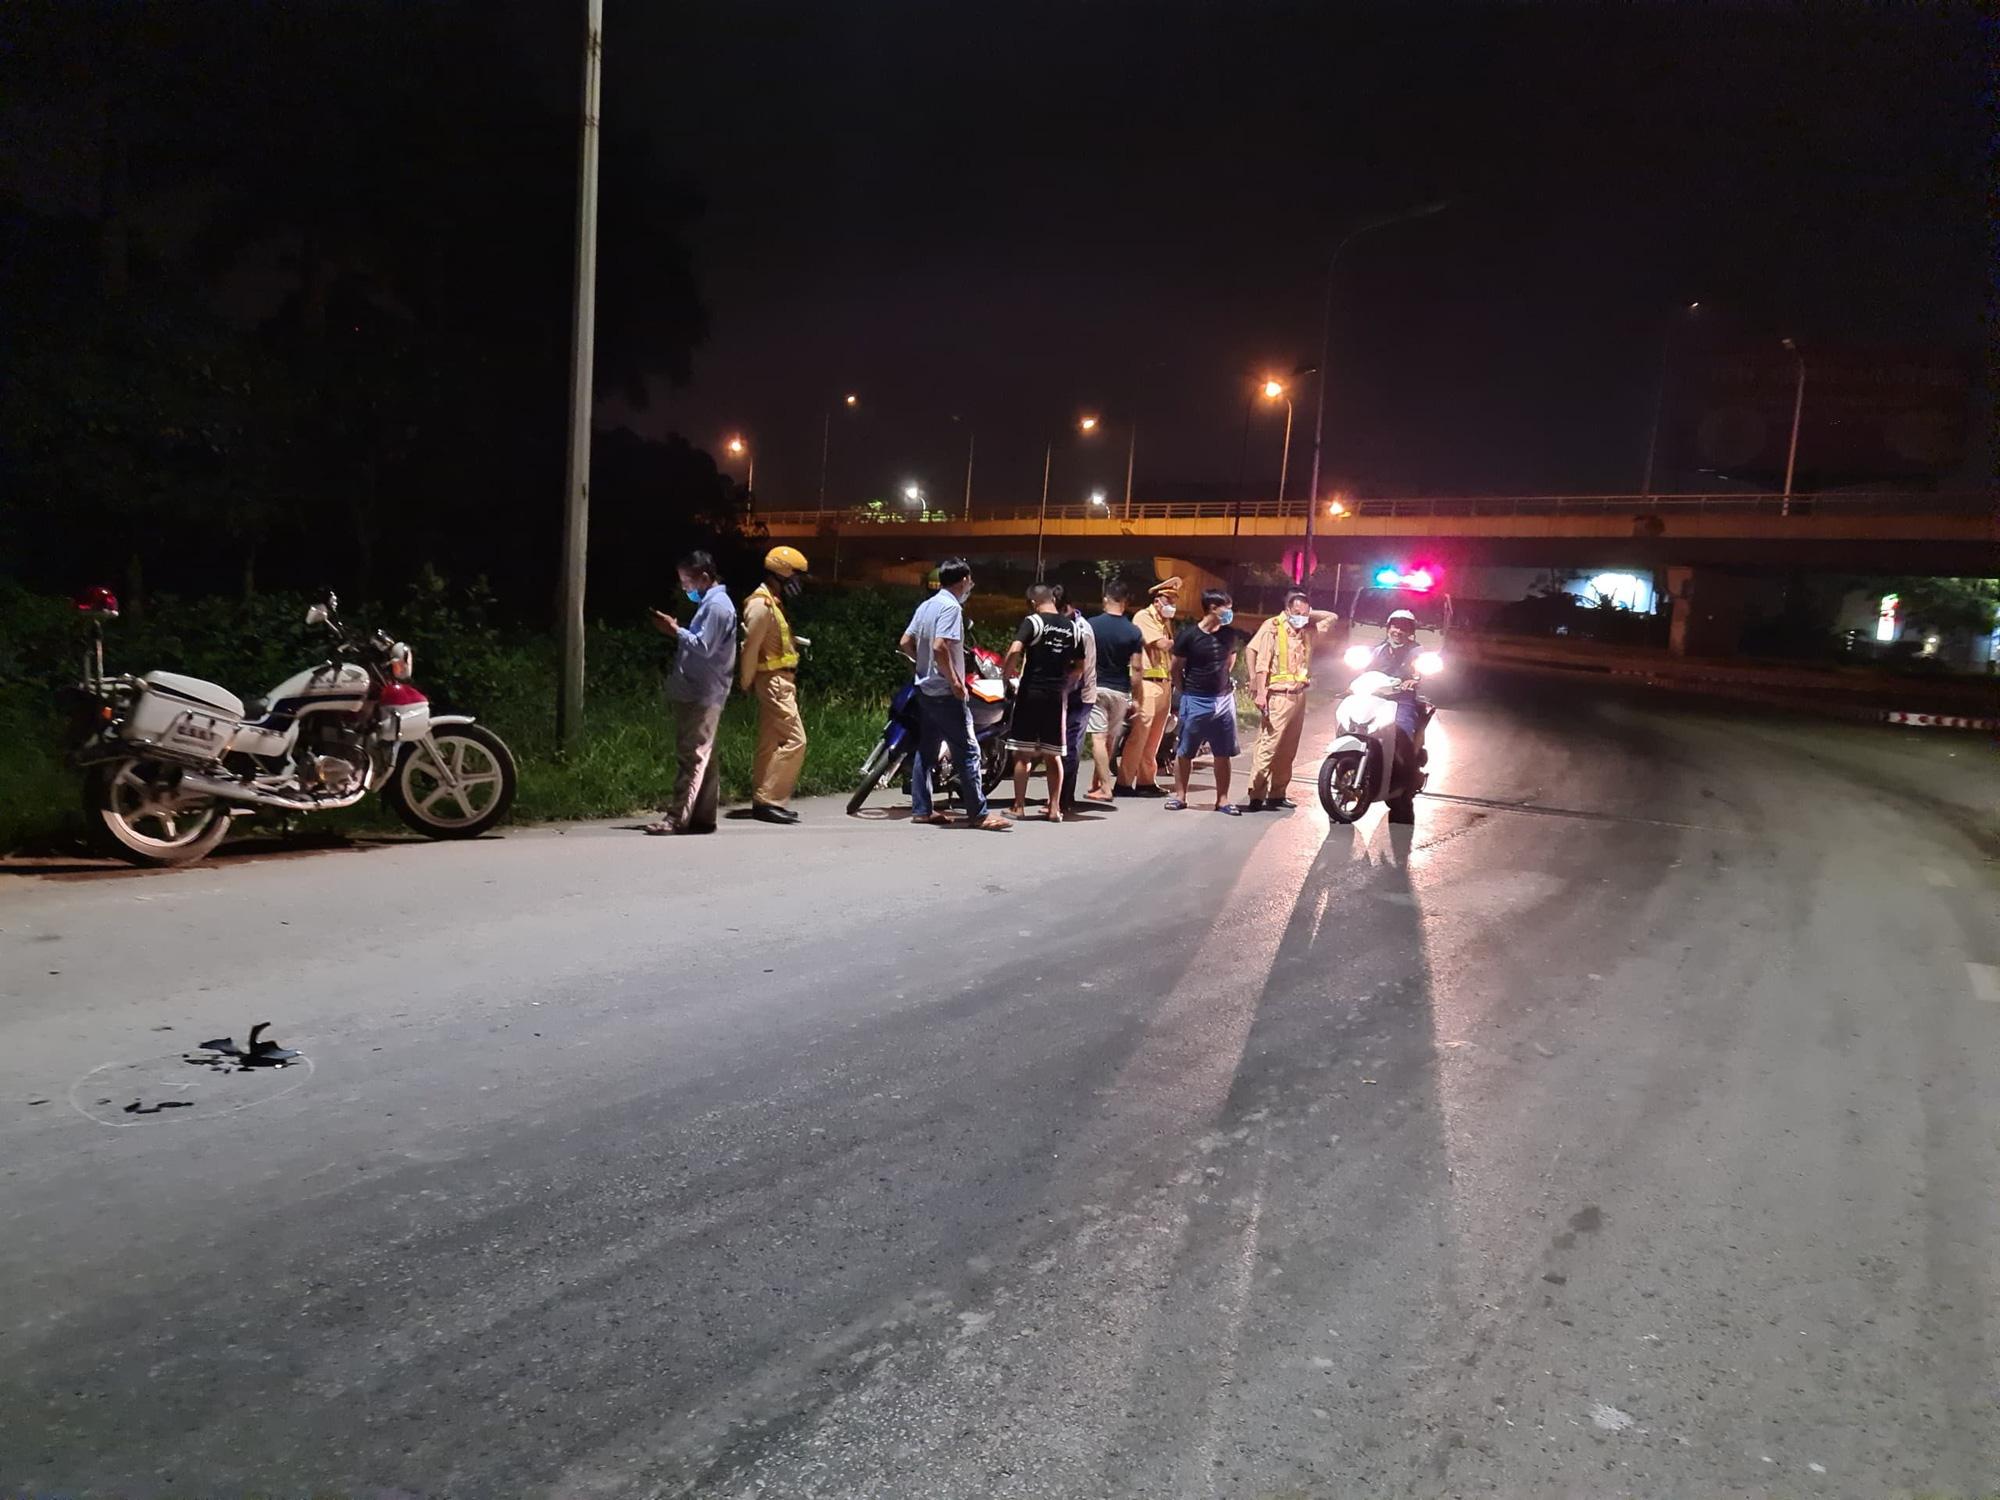 Hải Dương: Lái xe gây tai nạn liên hoàn làm chết 1 nữ sinh và nhiều người bị thương - Ảnh 2.